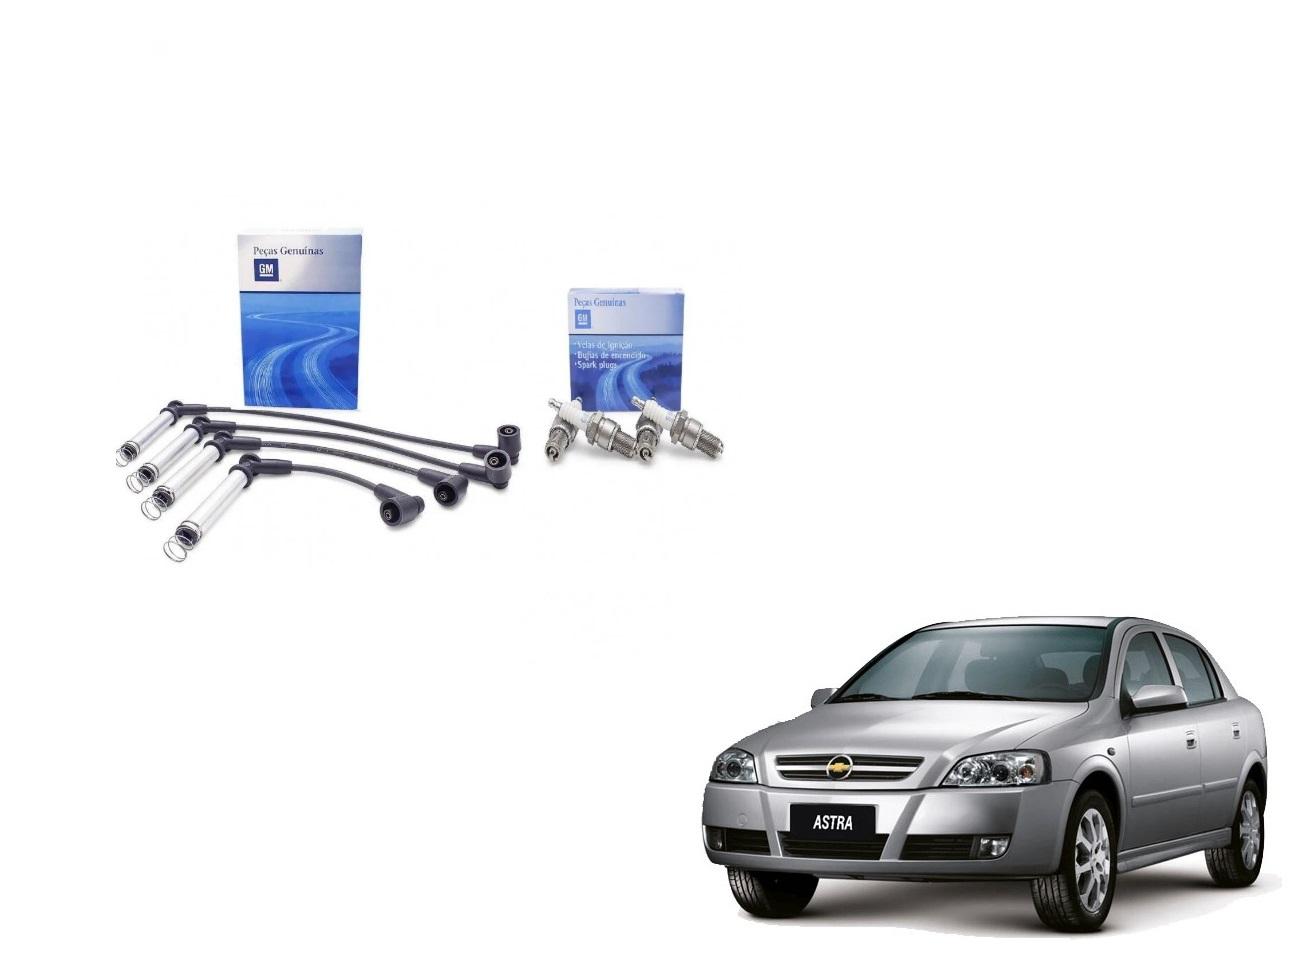 Kit ignicao veiculos 2.0 8 V flex - Astra de 2005 a 2009